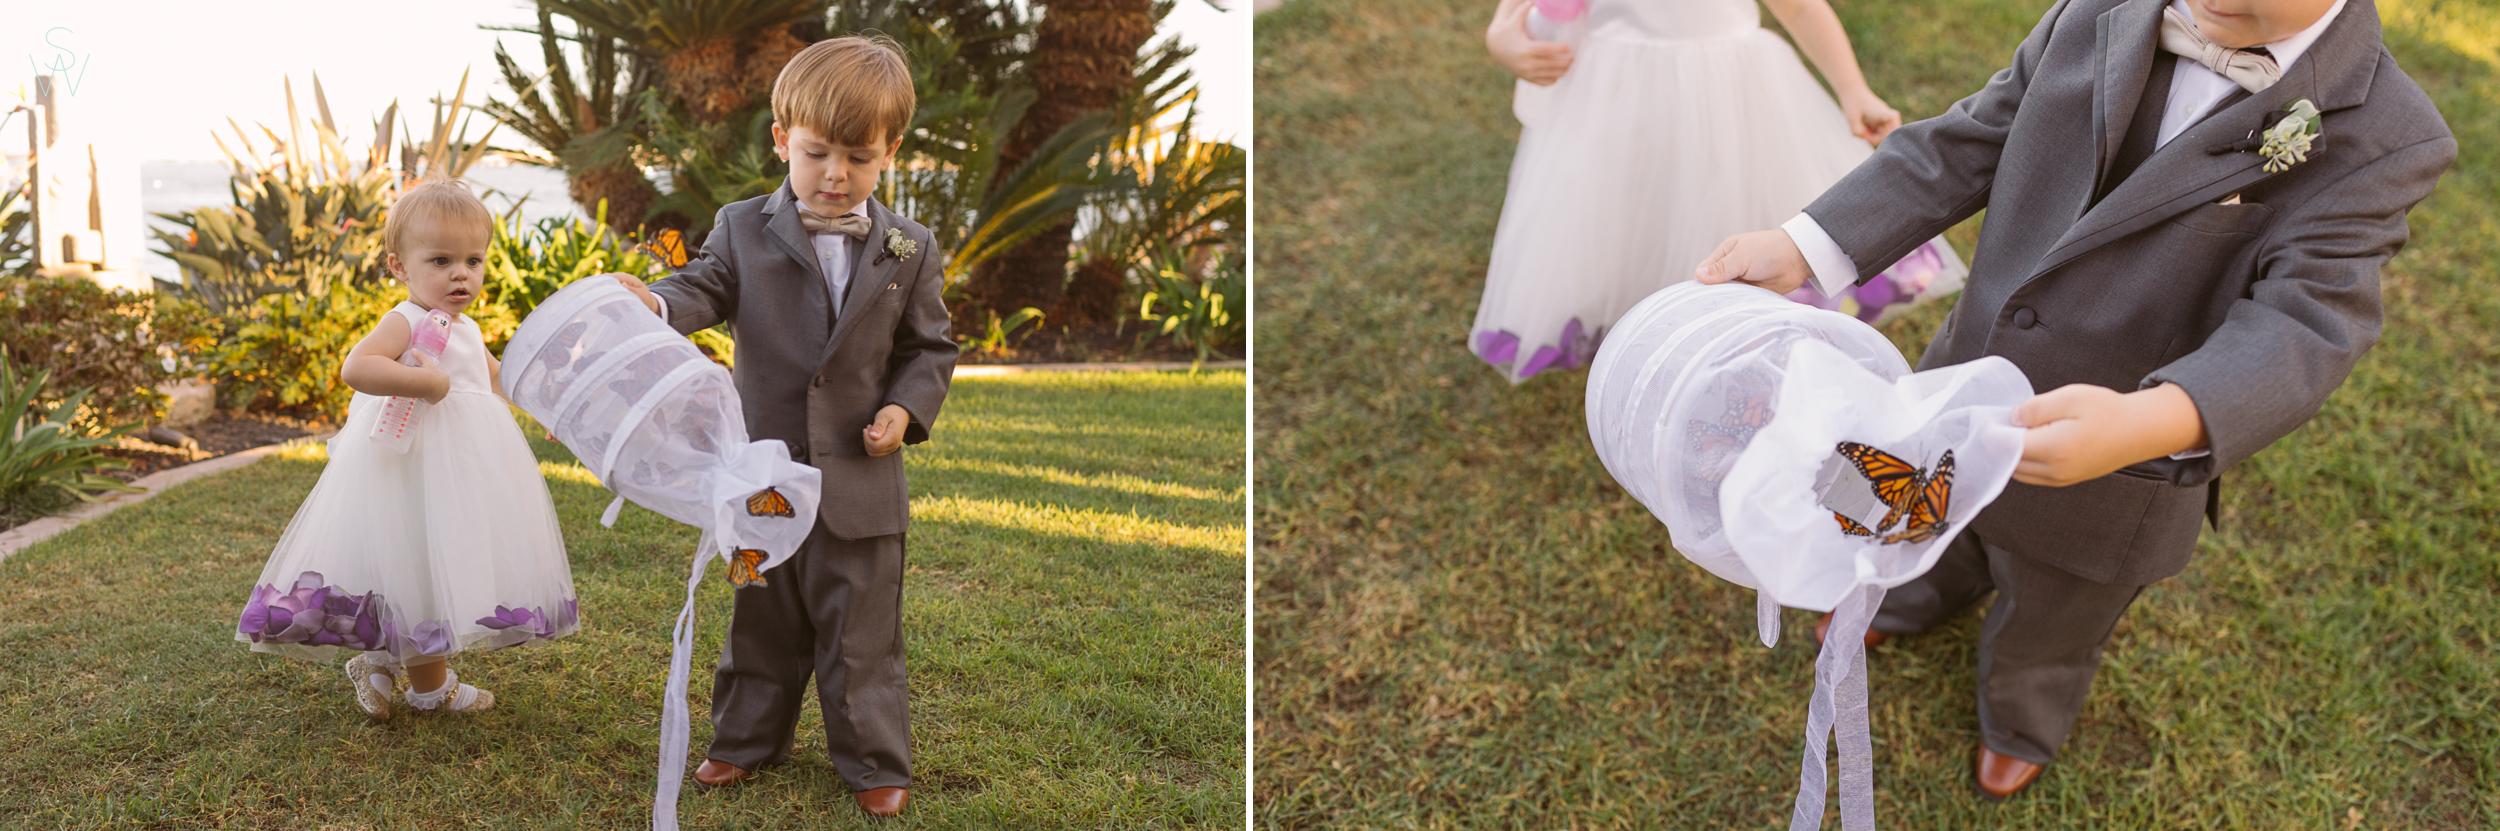 156San.diego.wedding.shewanders.photography.JPG